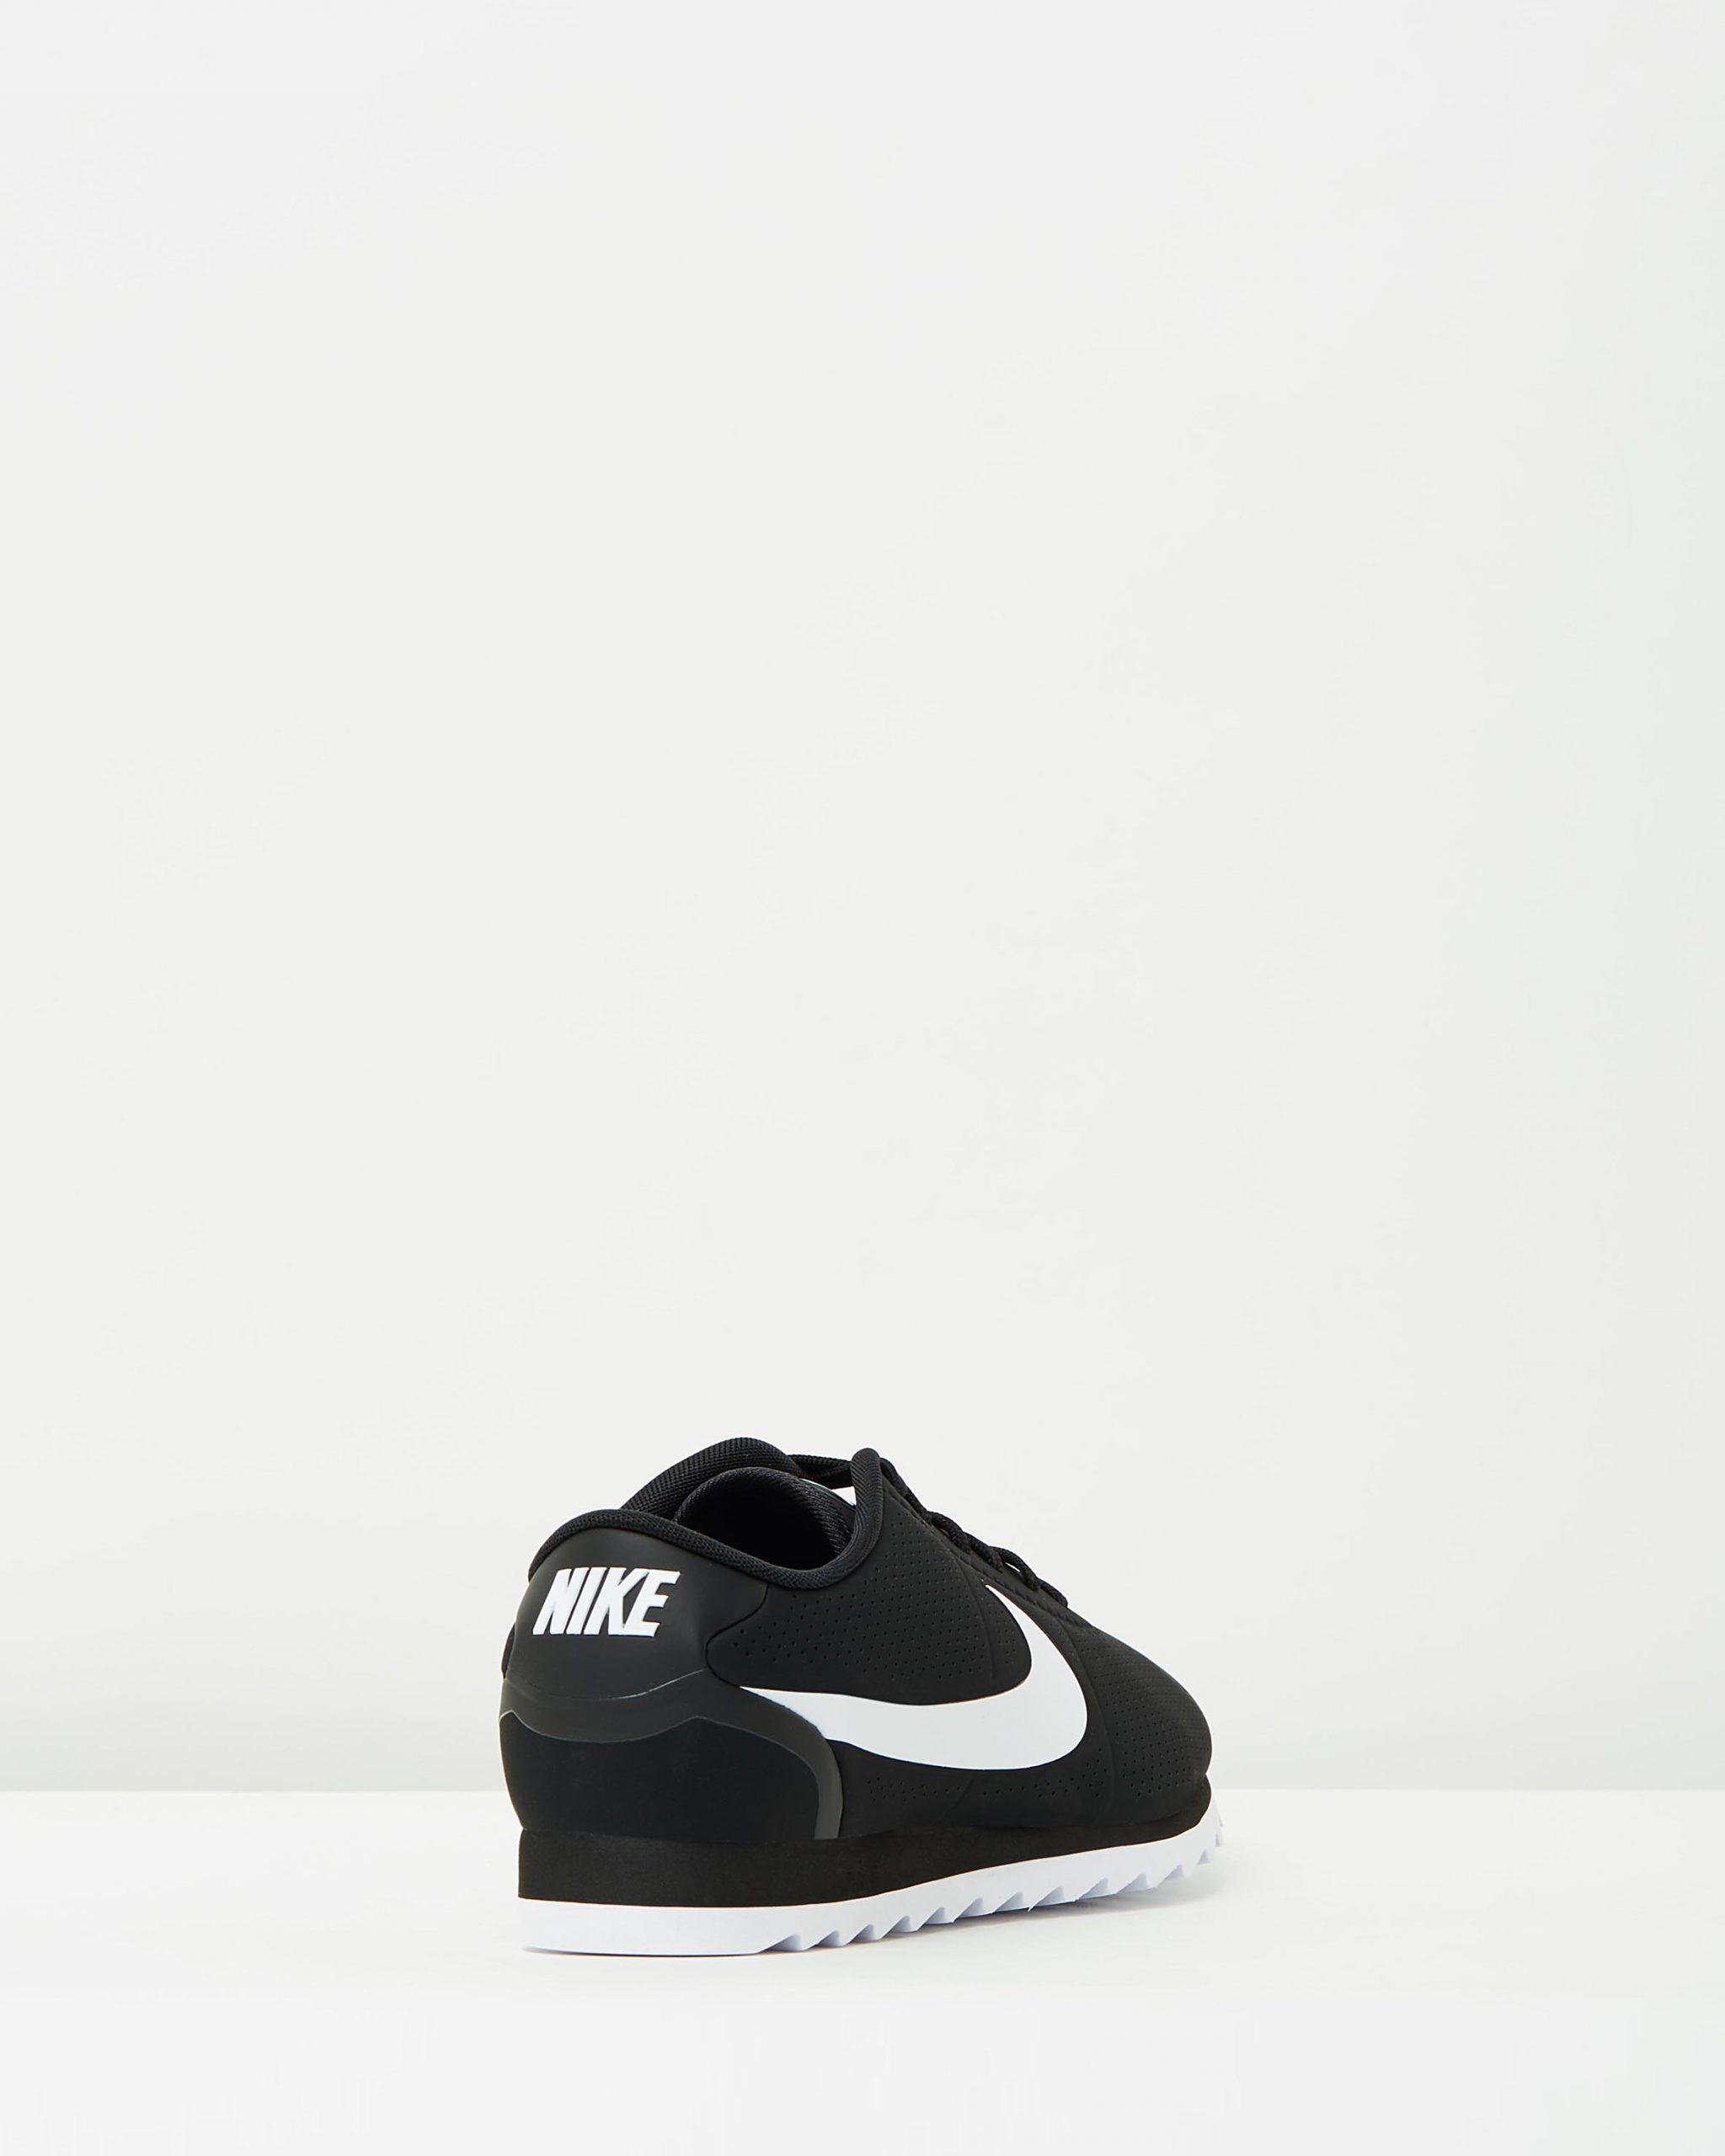 Women's Nike Cortez Ultra Moire Black